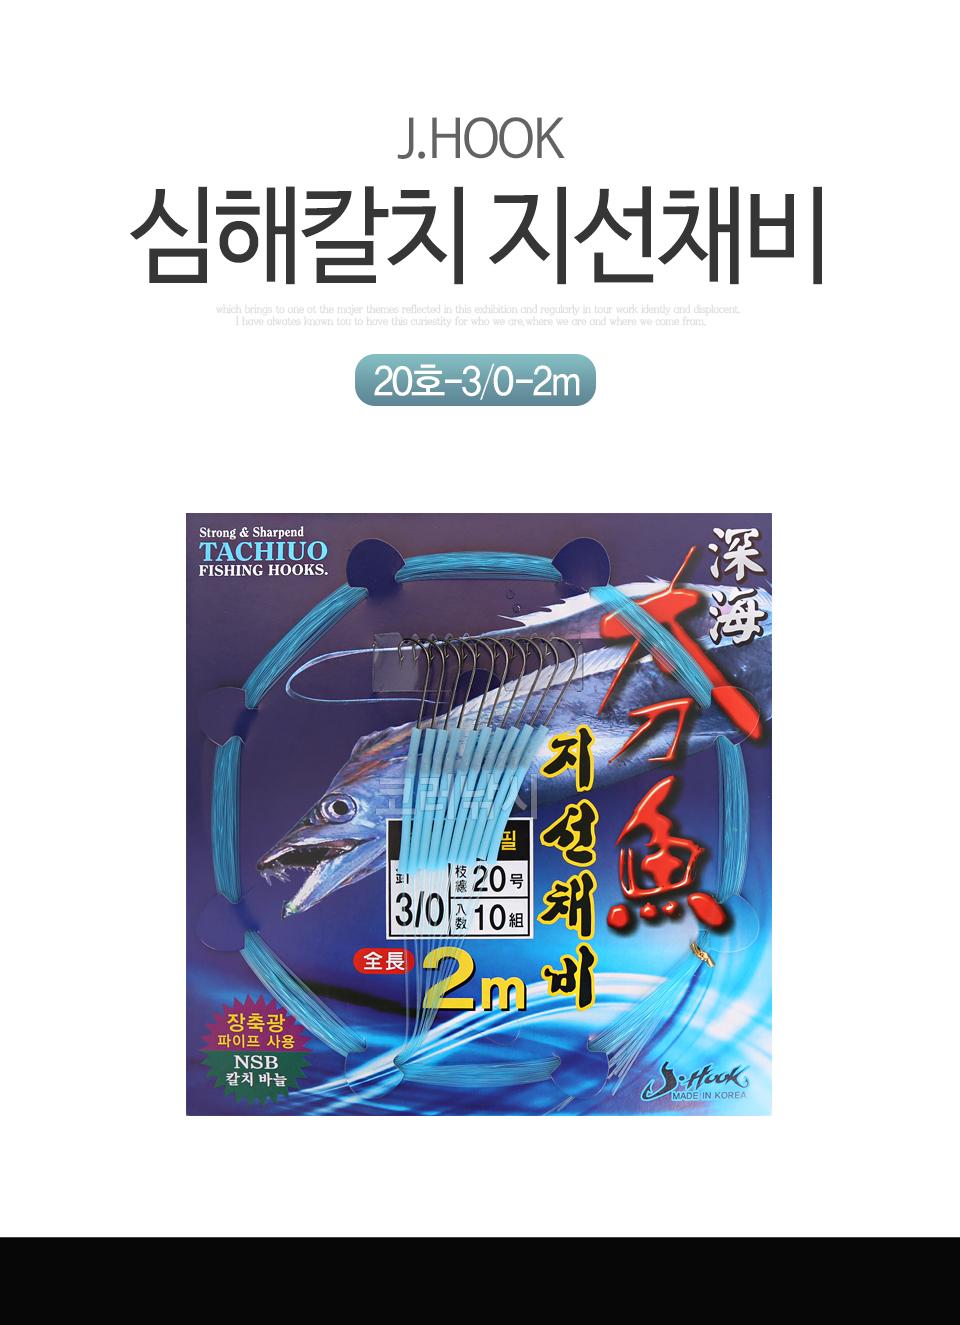 J.HOOK 심해칼치 지선채비 (MADE IN KOREA) 칼치묶음바늘 칼치바늘 갈치바늘